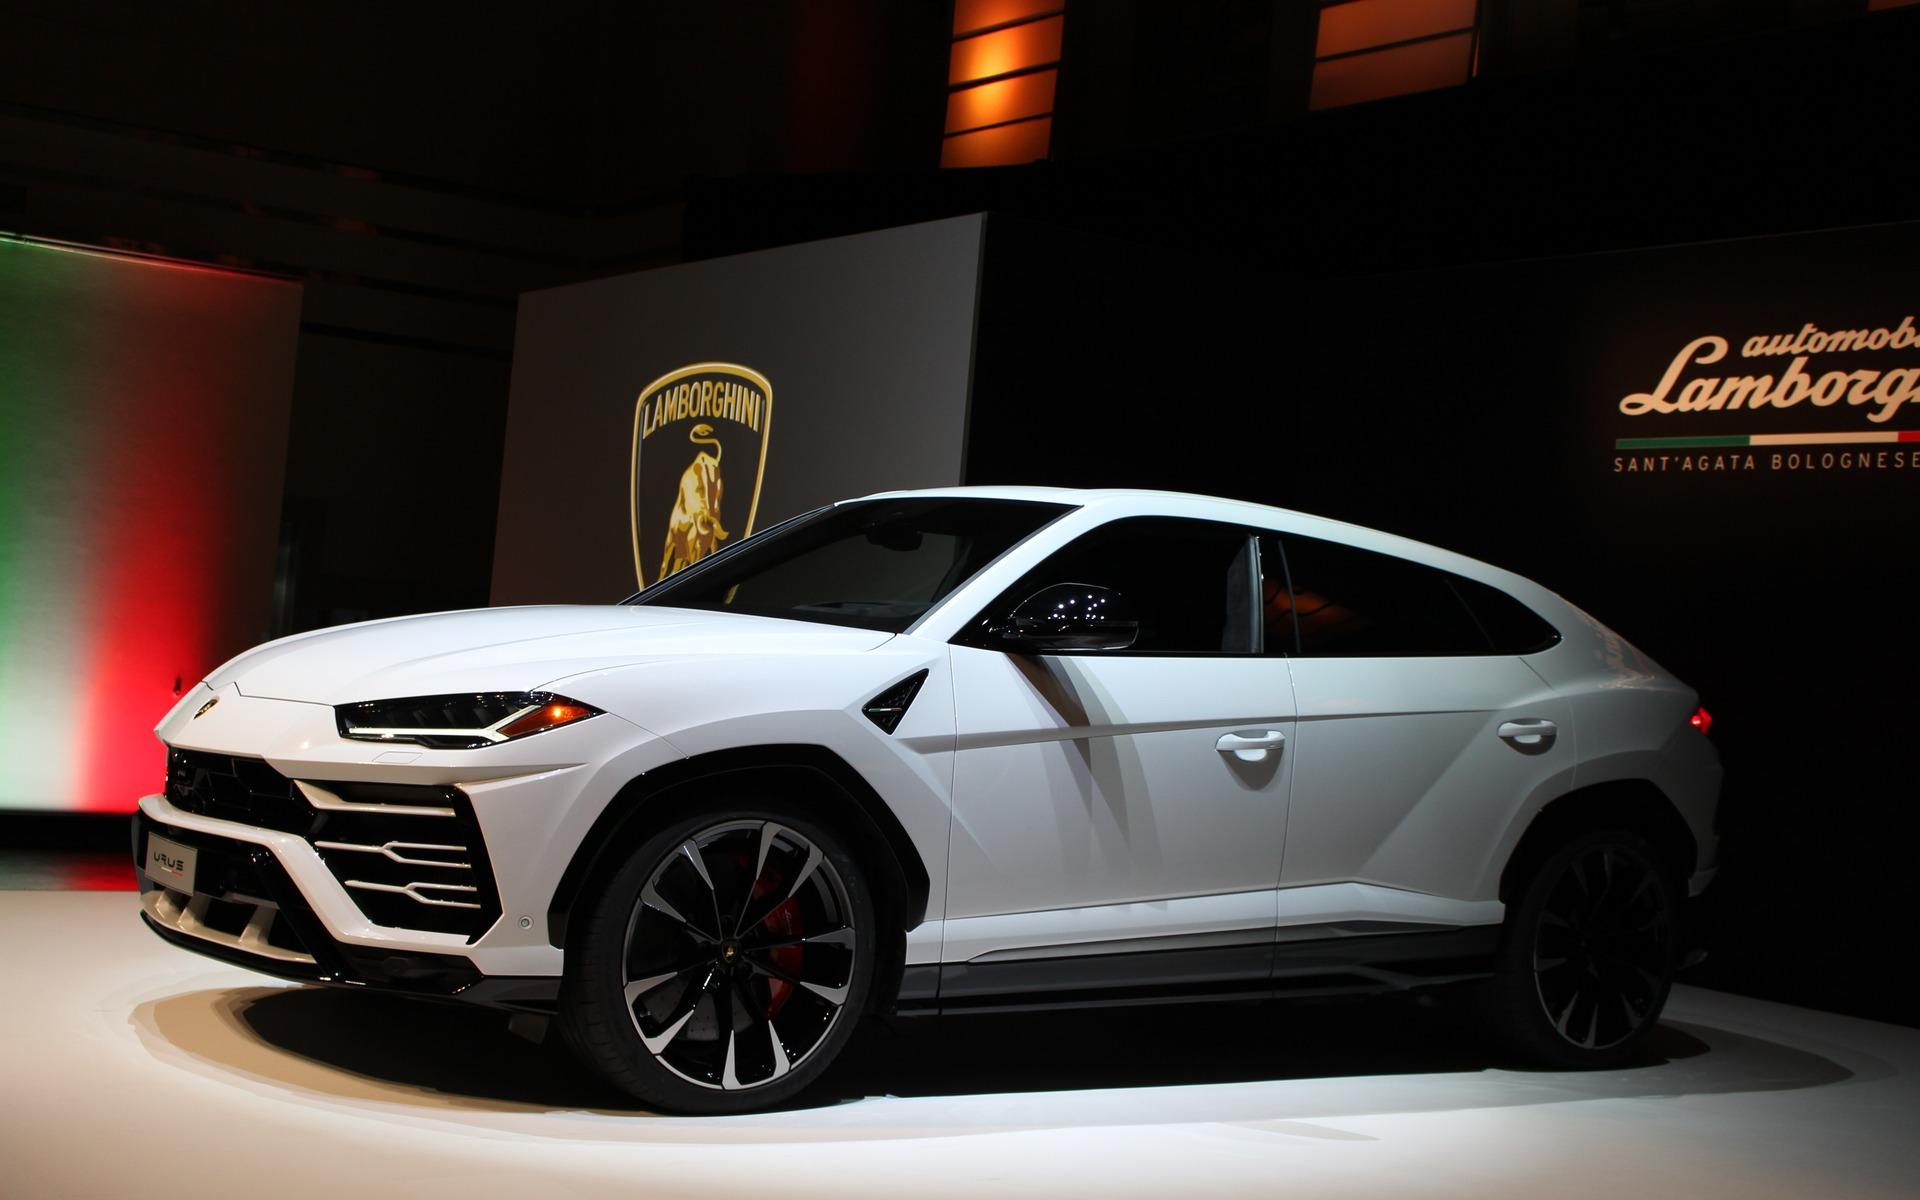 Suv Lamborghini >> 2019 Lamborghini Urus Preview - 3/17